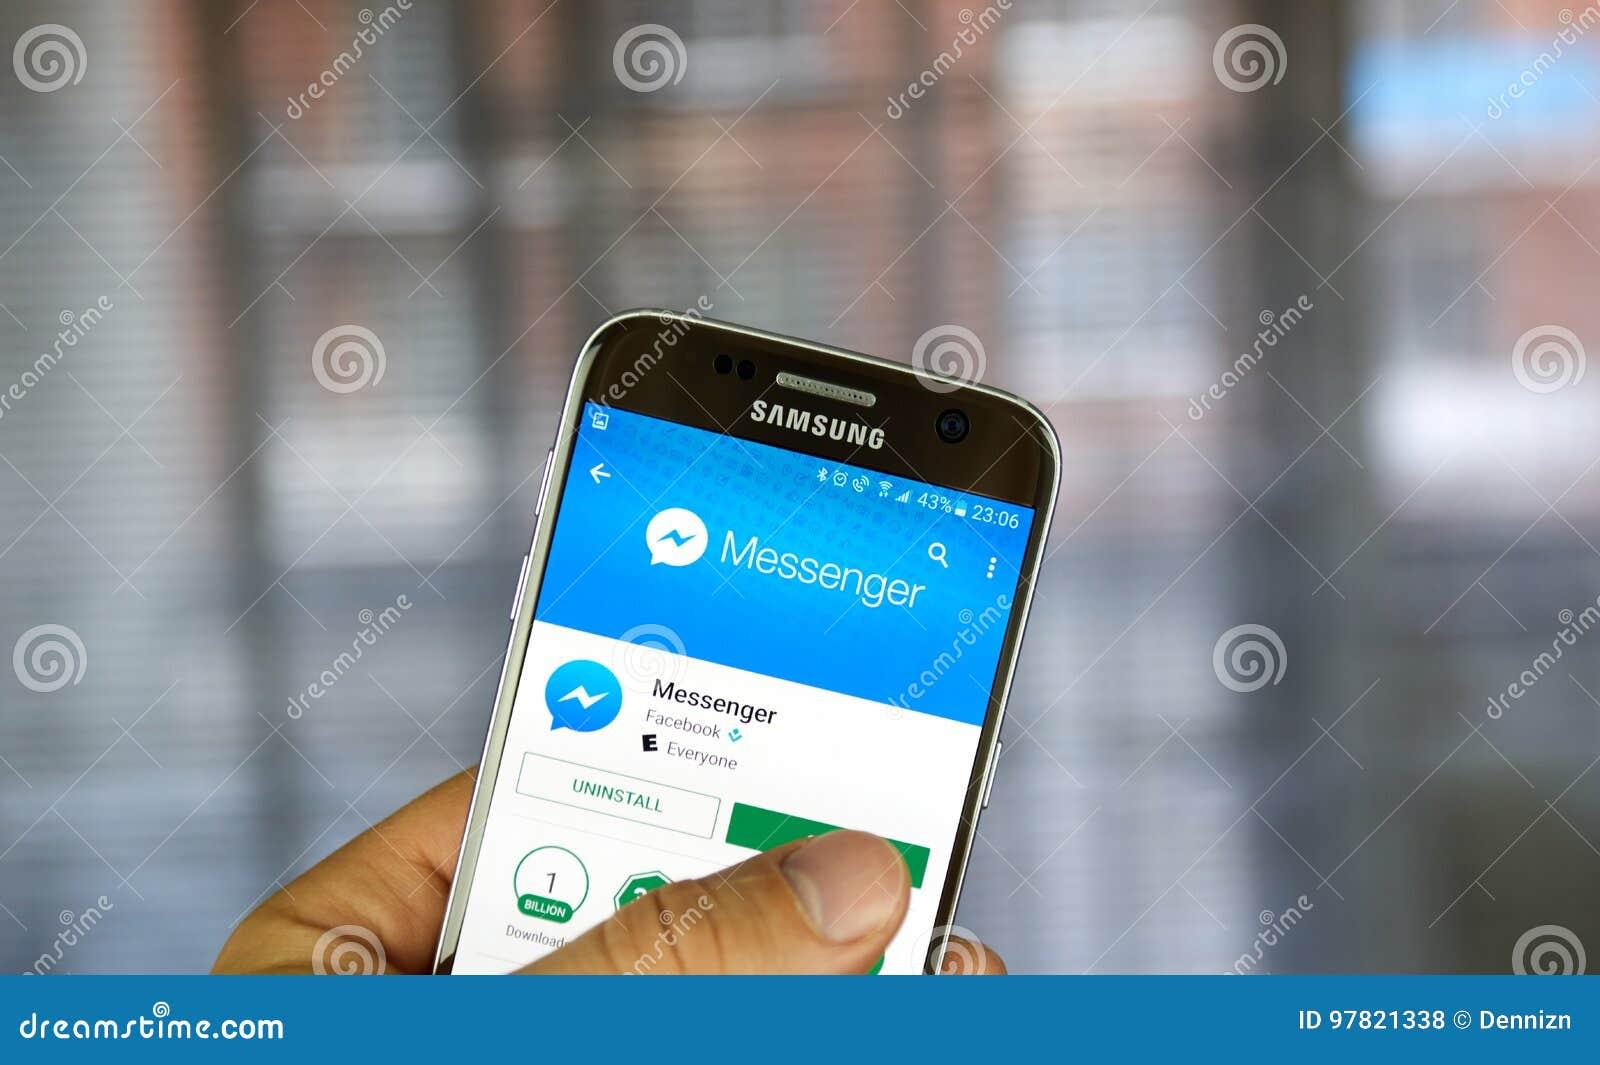 download facebook app for samsung mobile